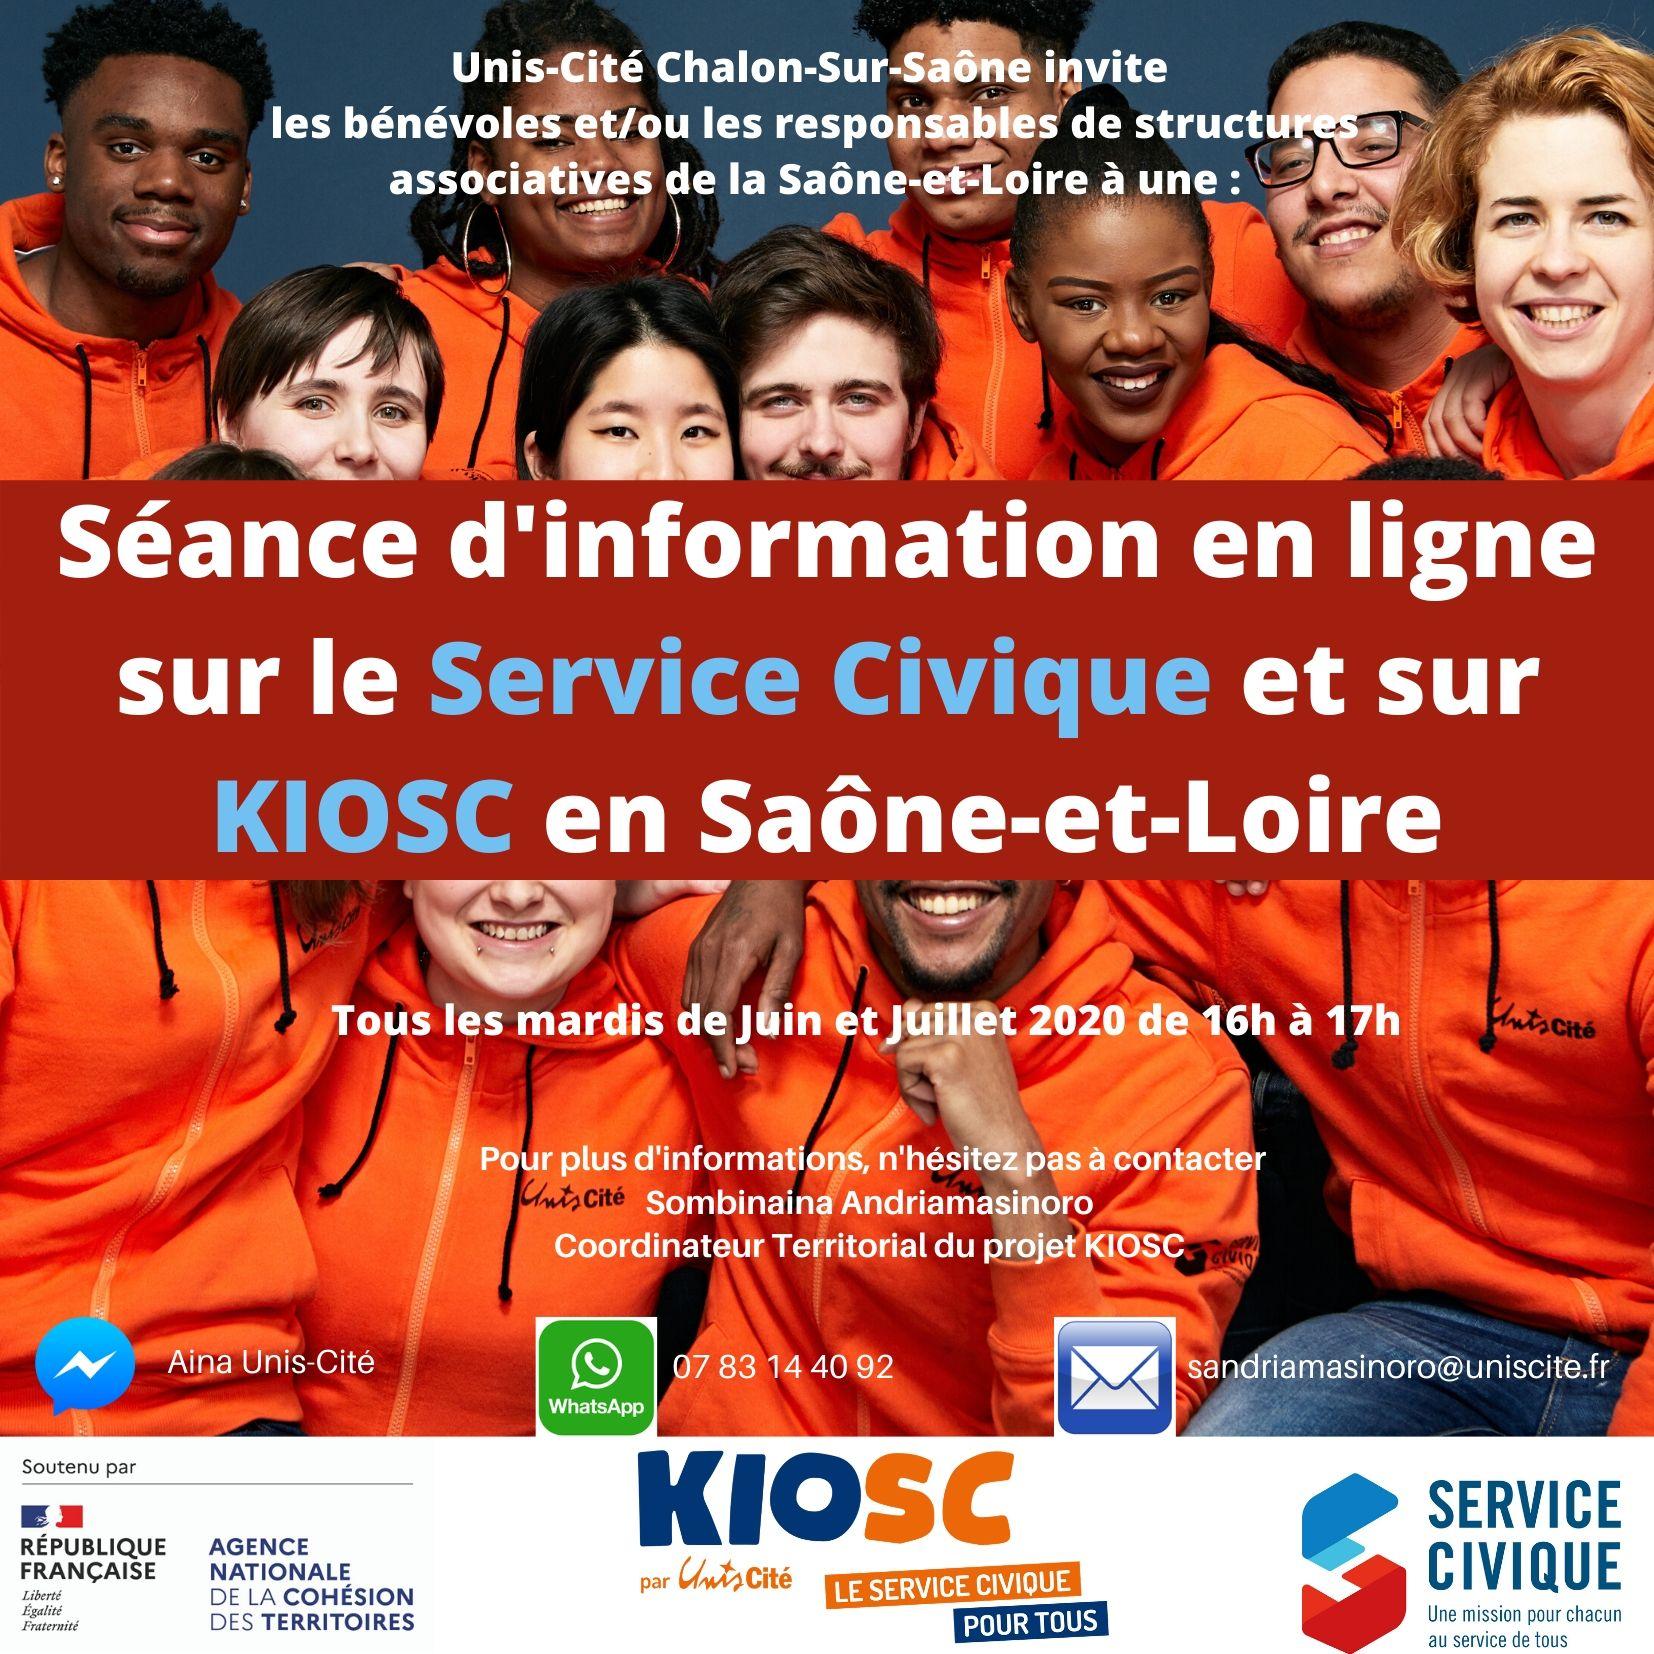 On lance les séances d'information en ligne sur KIOSC en Saône-et-Loire!